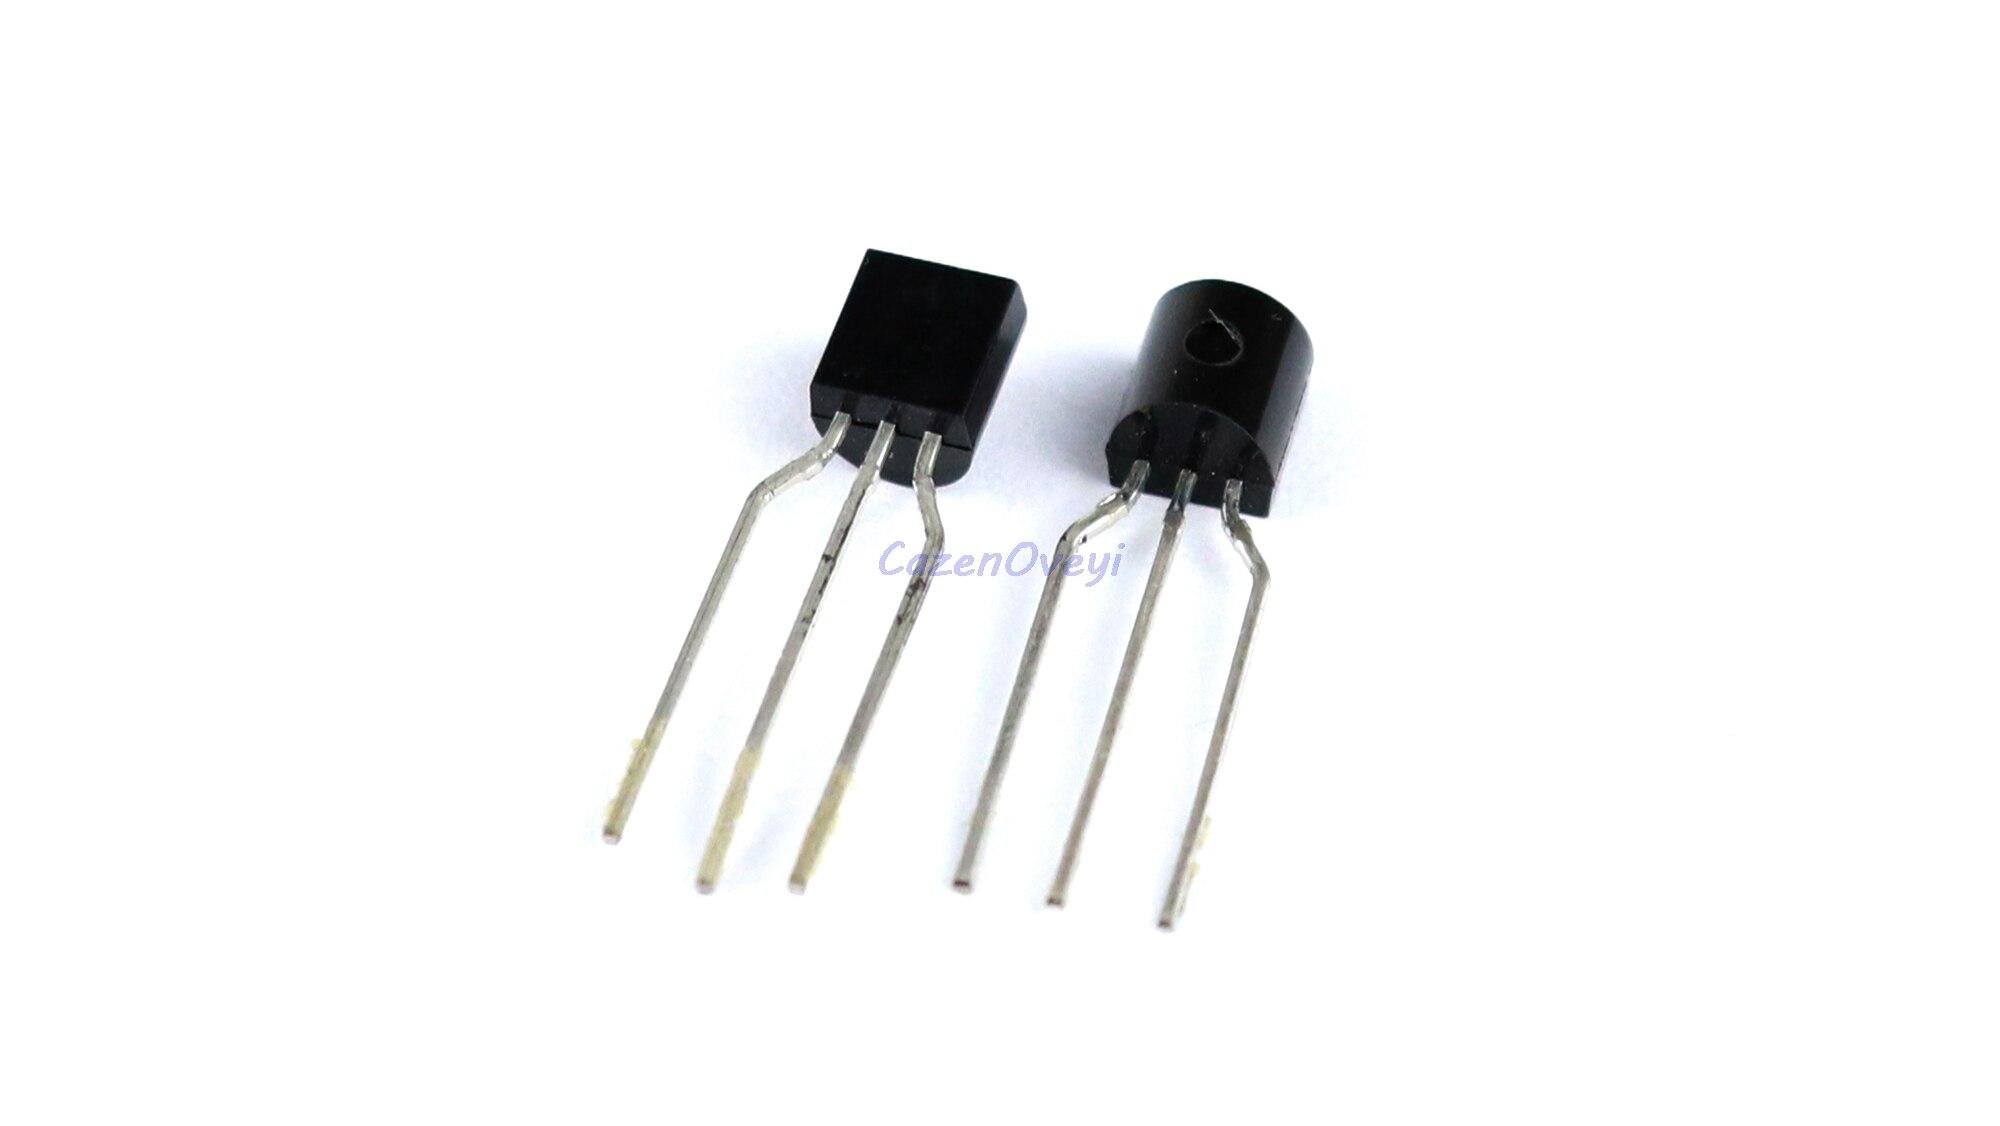 100 unids/lote ACS108-6SA a 92 ACS1086S TO92 ACS108 en Stock